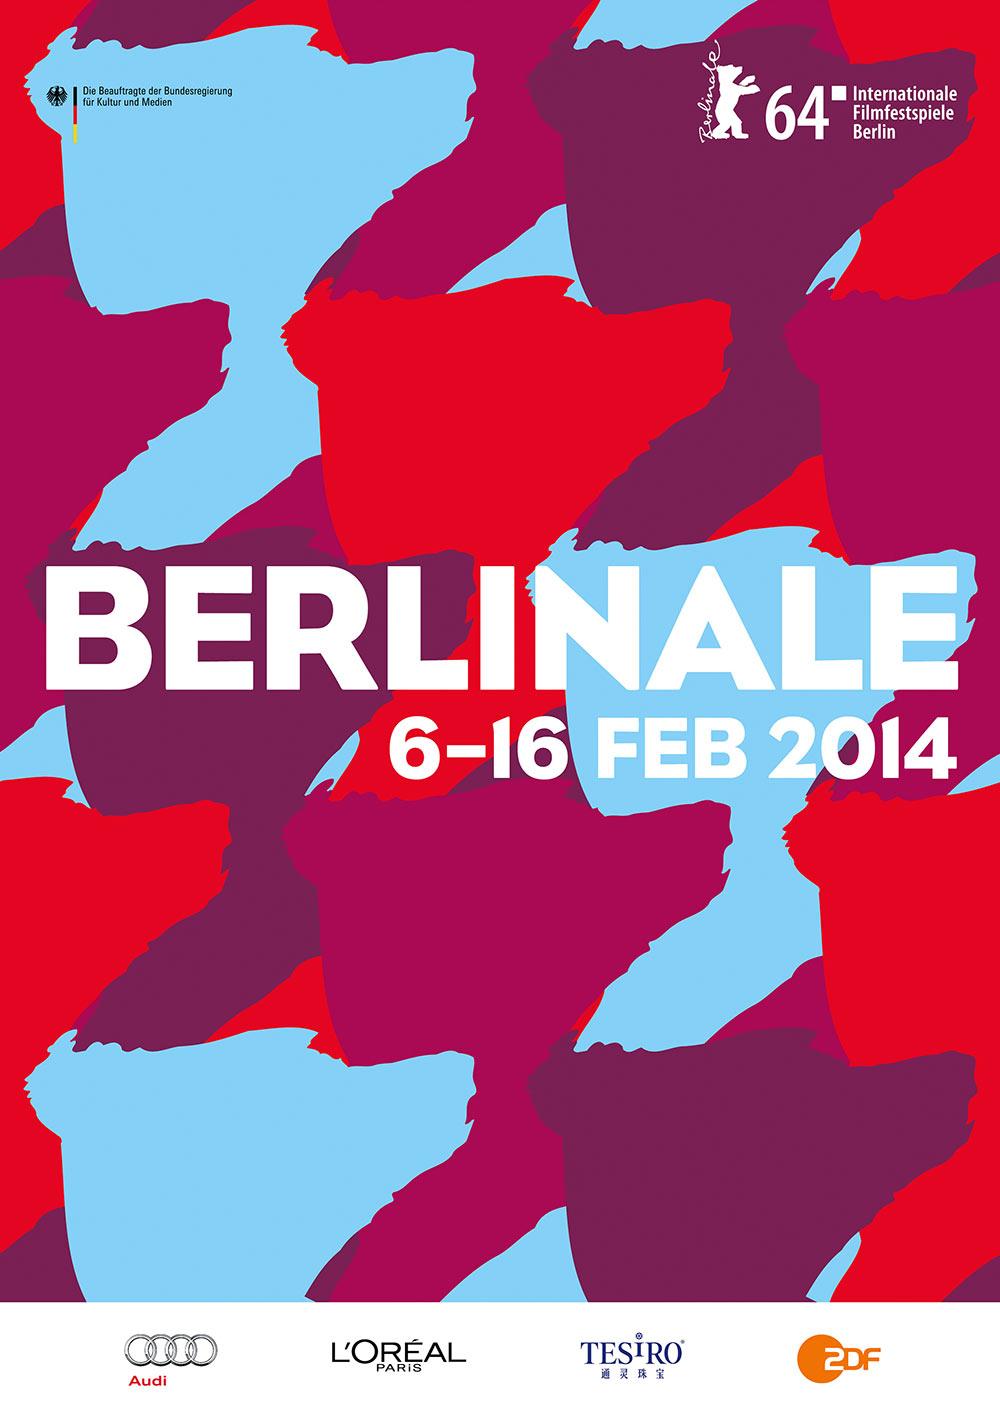 Berlinale Plakat 2014